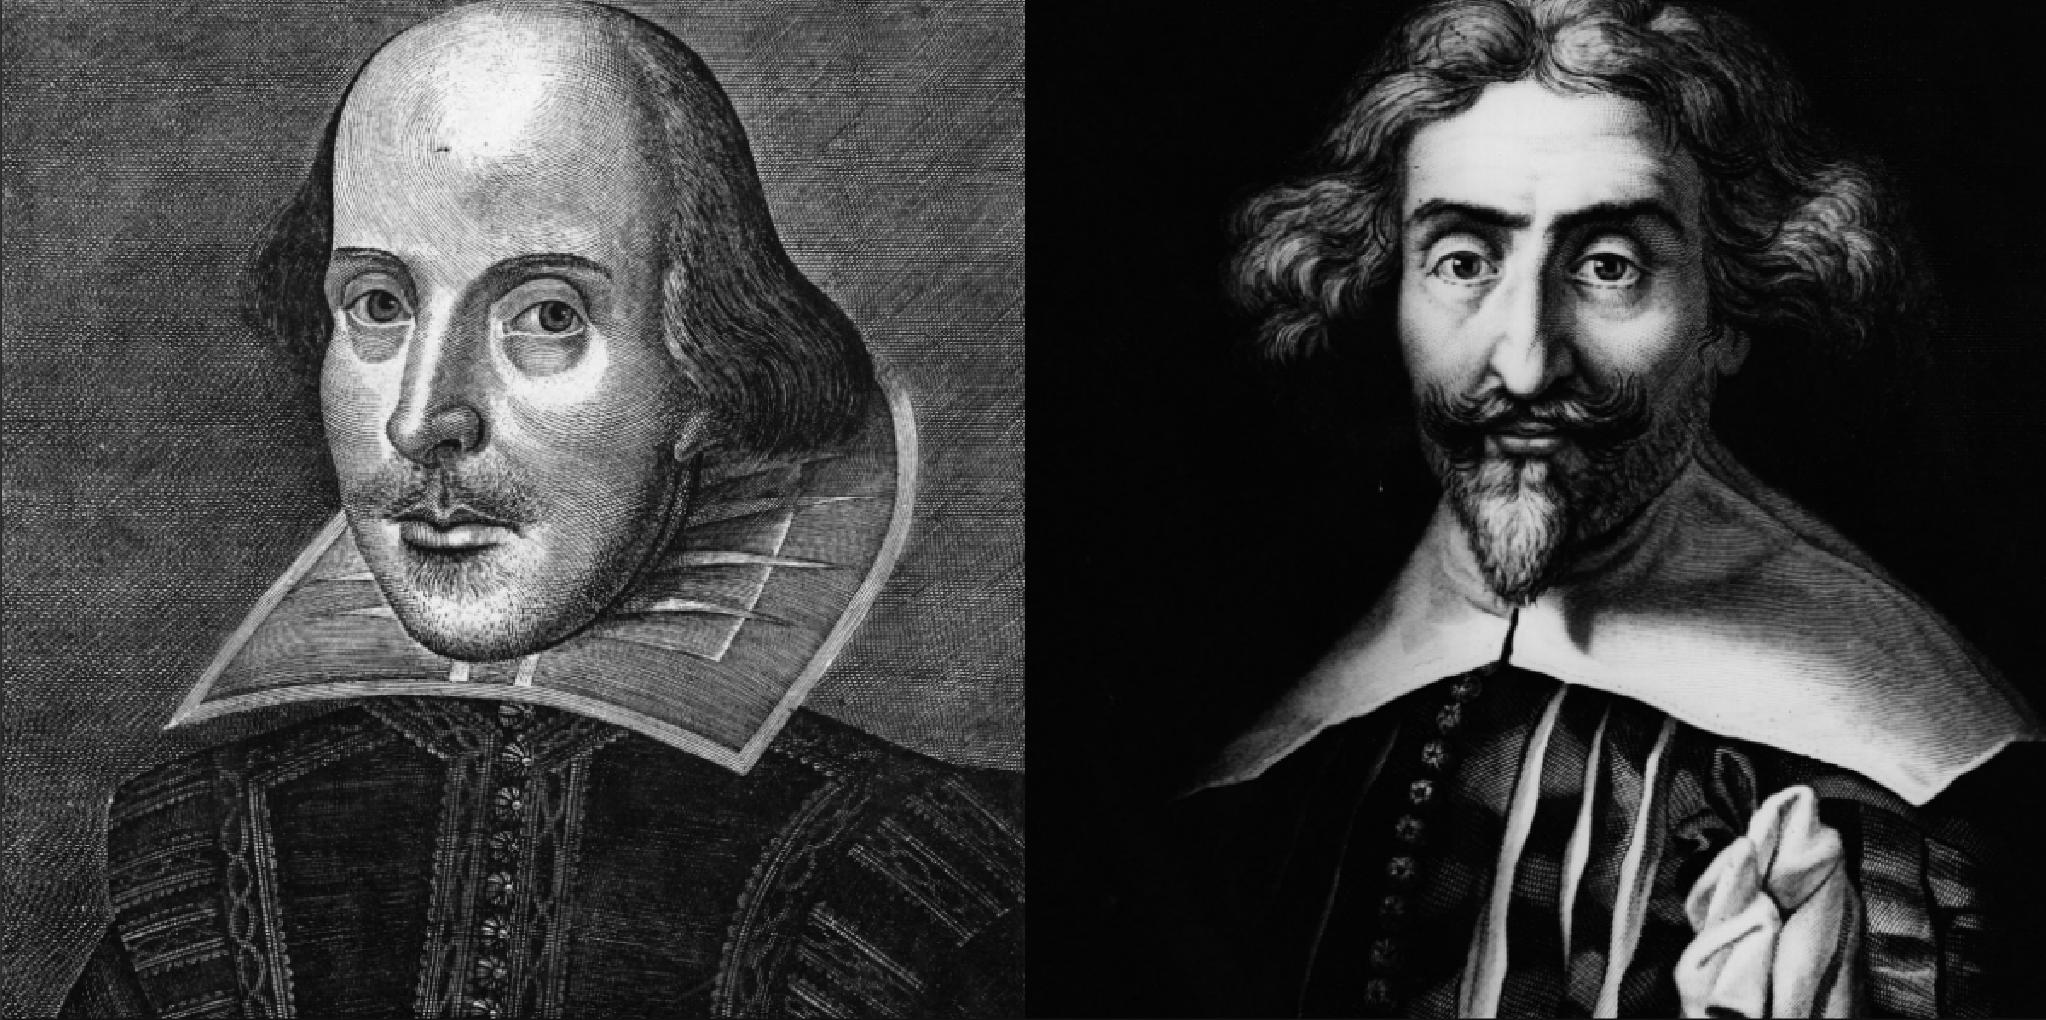 Cervantes Y Shakespeare Murieron El Mismo Día Te Contamos La Verdadera Historia En El Día Del Libro 2020 Cnn